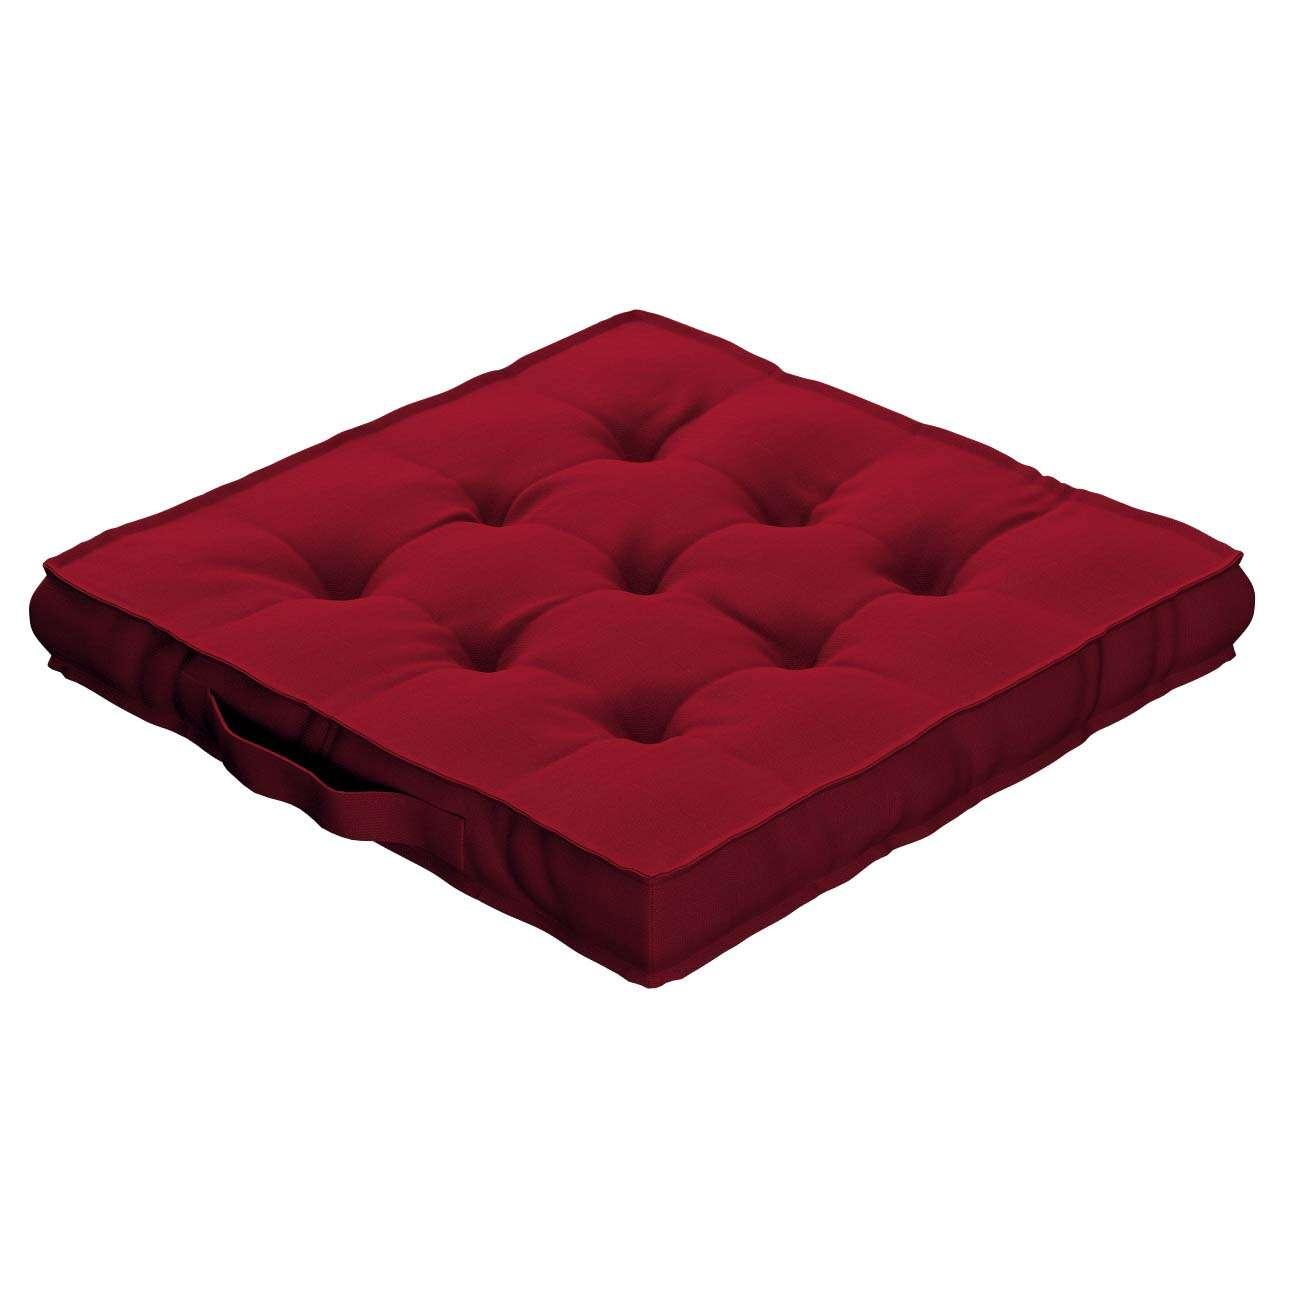 Siedzisko Kuba na krzesło 40x40x6cm w kolekcji Etna , tkanina: 705-60